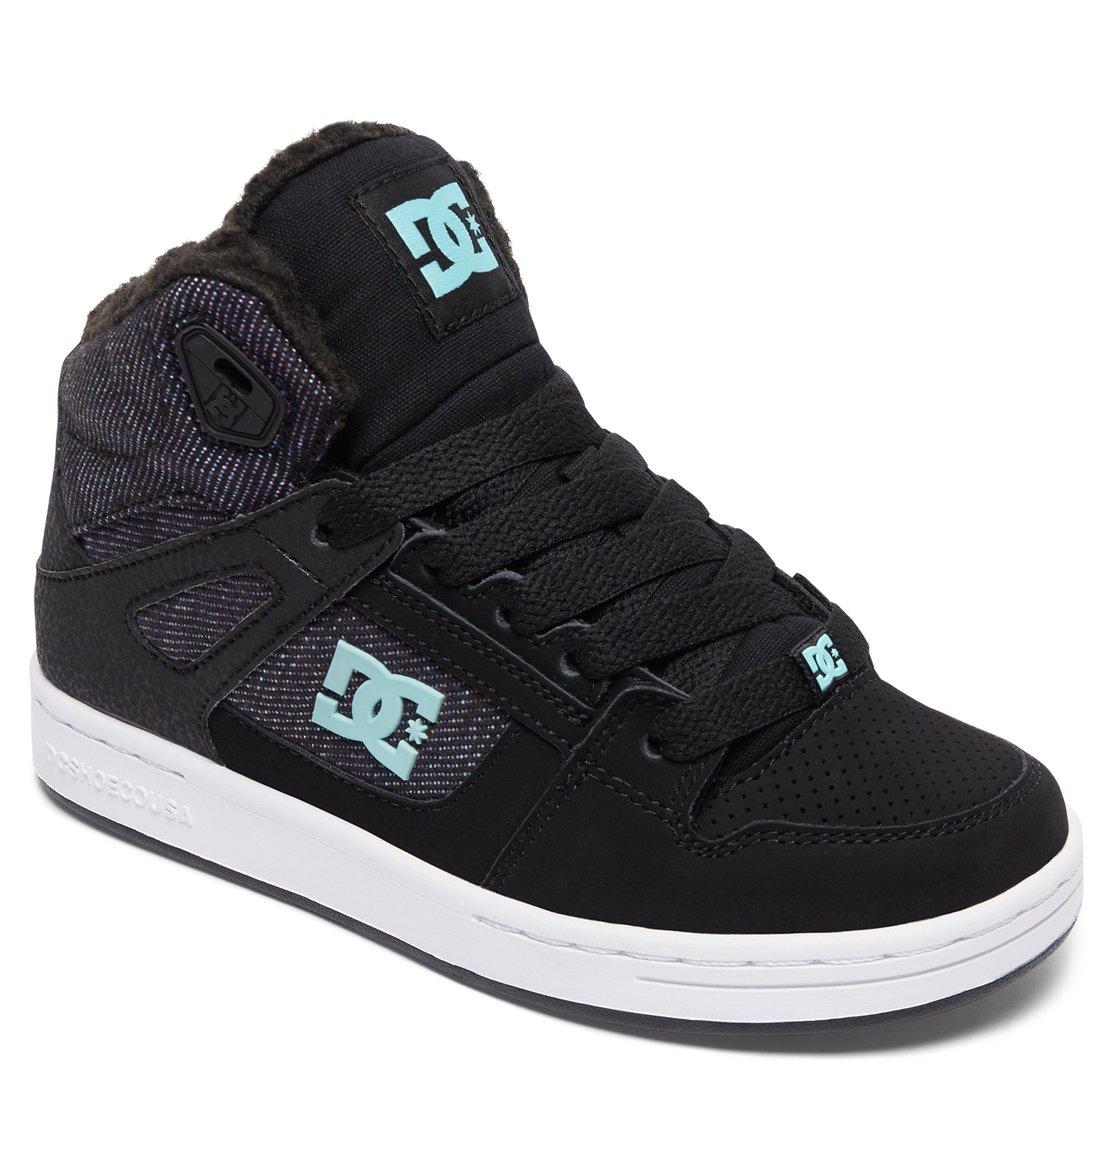 Fille D'hiver Shoes Chaussures Pour Dc Rebound Hautes Adgs100075 Wnt zgxvqpqR